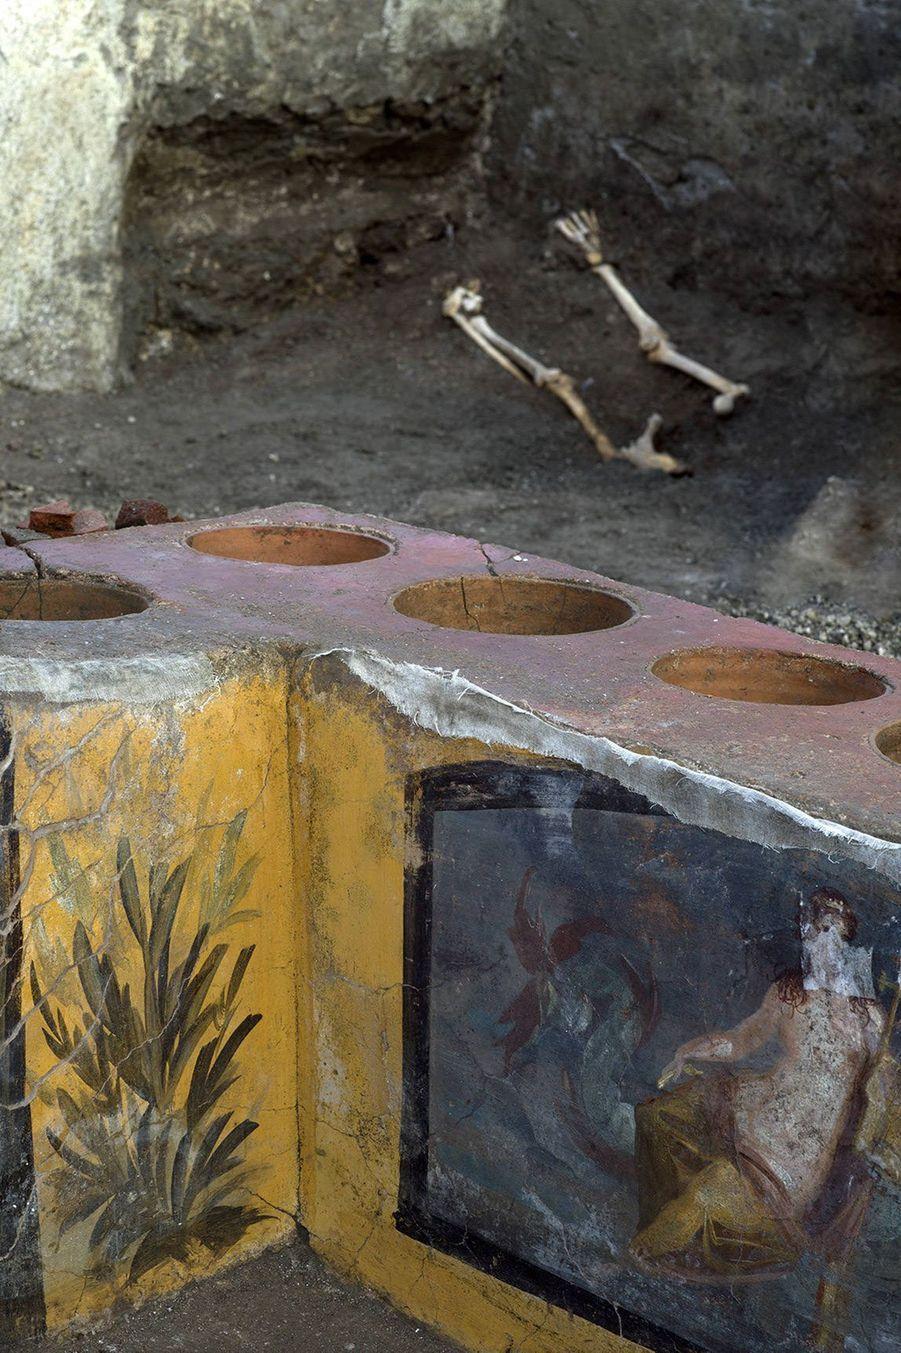 Les scientifiques ont retrouvé dans les creusements de la table des reliefs alimentaires qui pourraient apporter de précieuses informations sur les habitudes gastronomiques àPompéiau moment de l'éruption du Vésuve en 79 après JC.